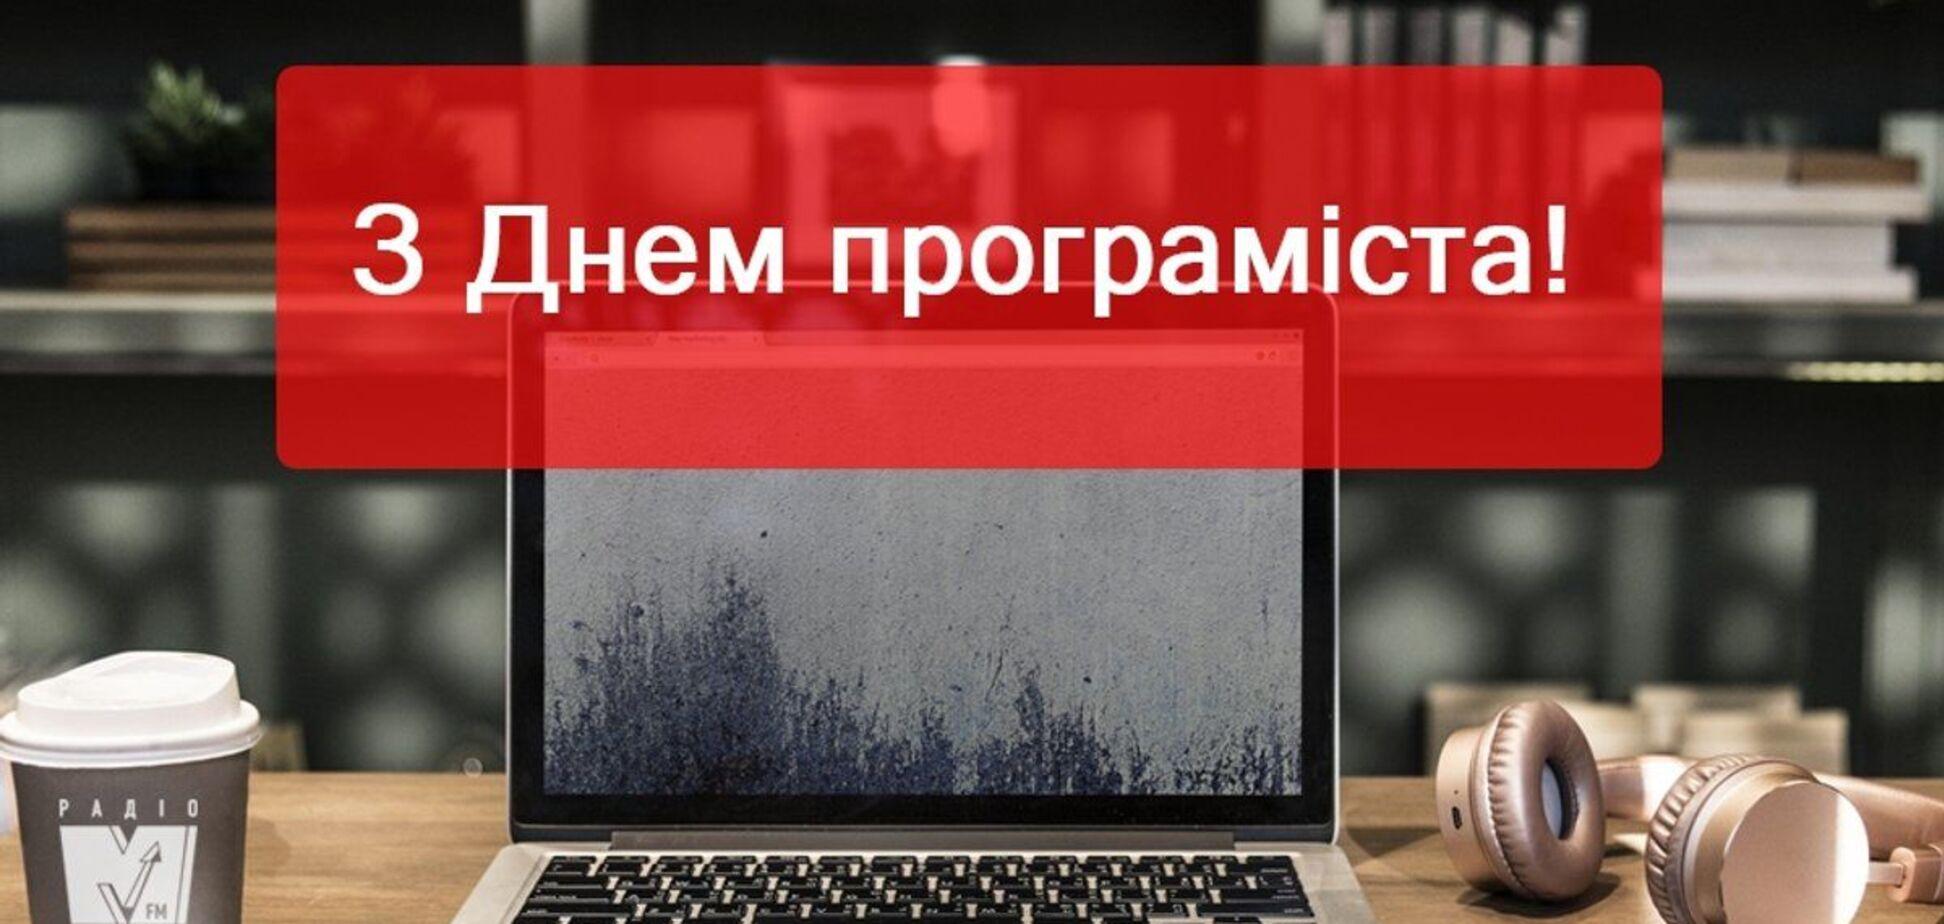 День программиста в 2020 году отмечается 12 сентября